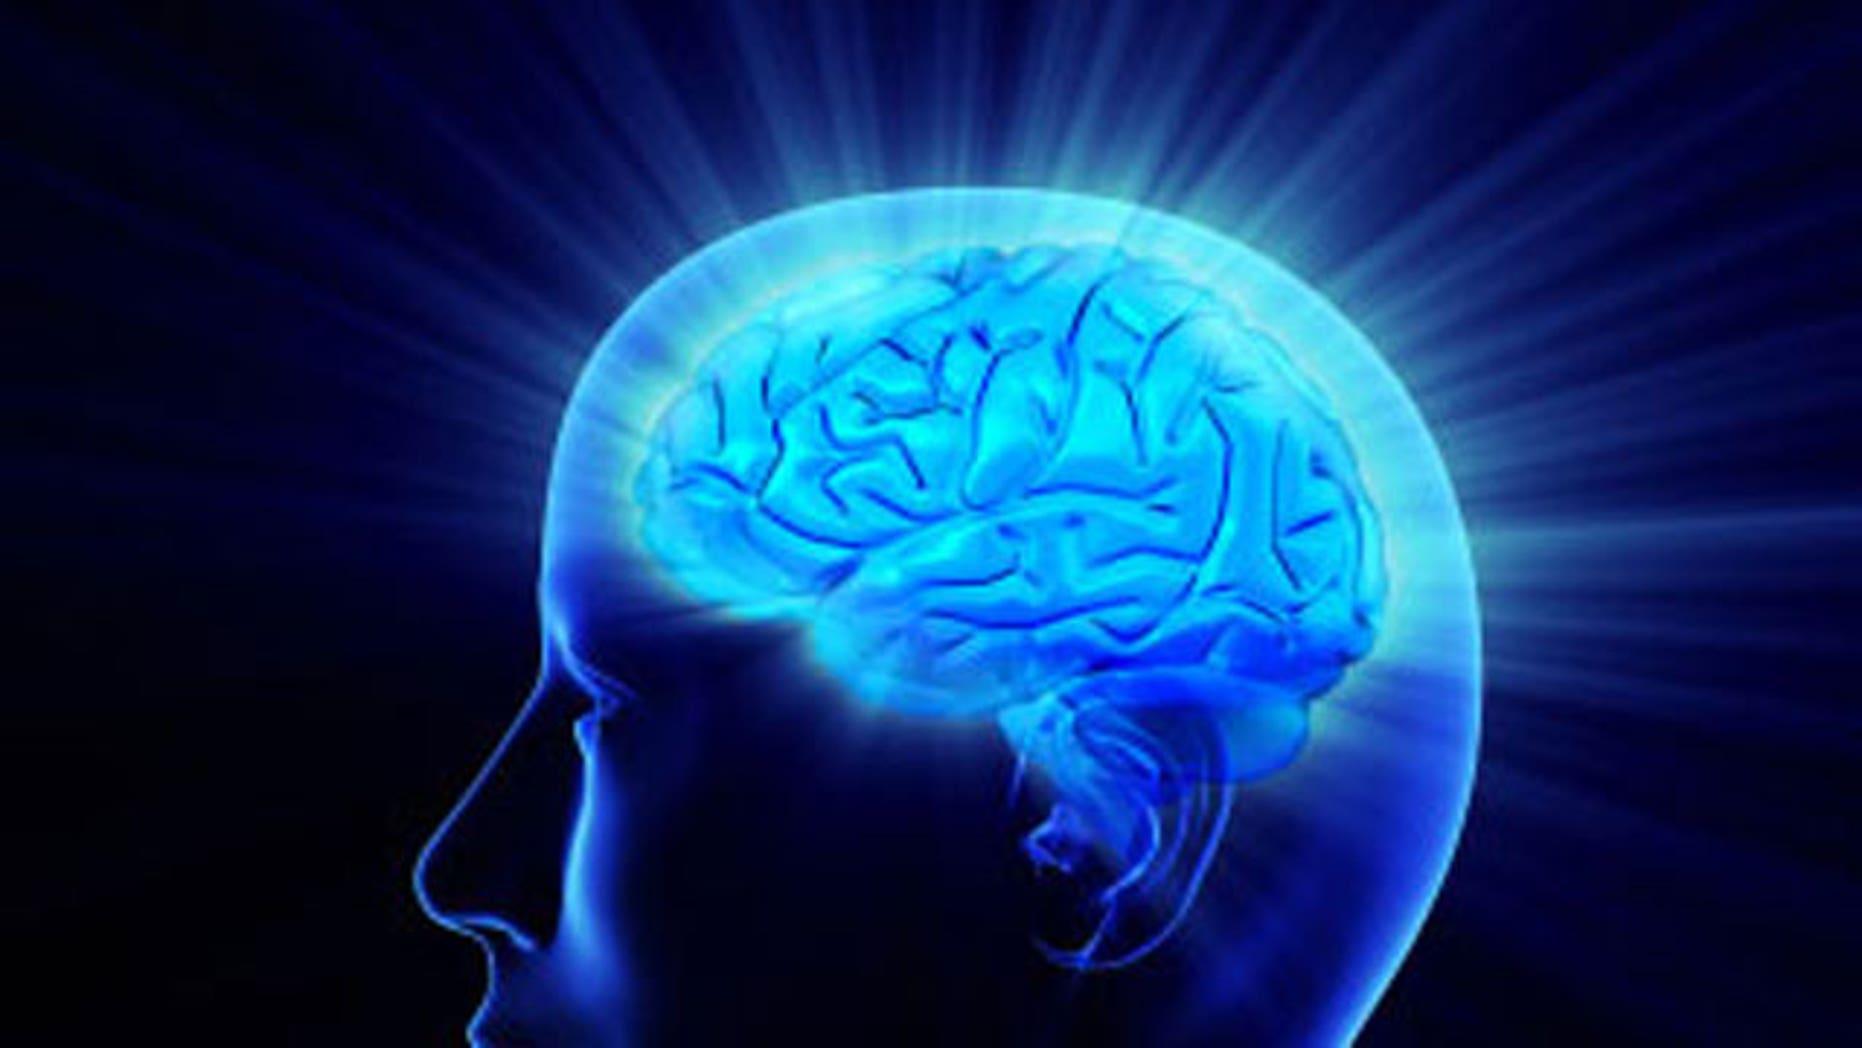 Israel's BrainStorm says stem cell drug benefits most